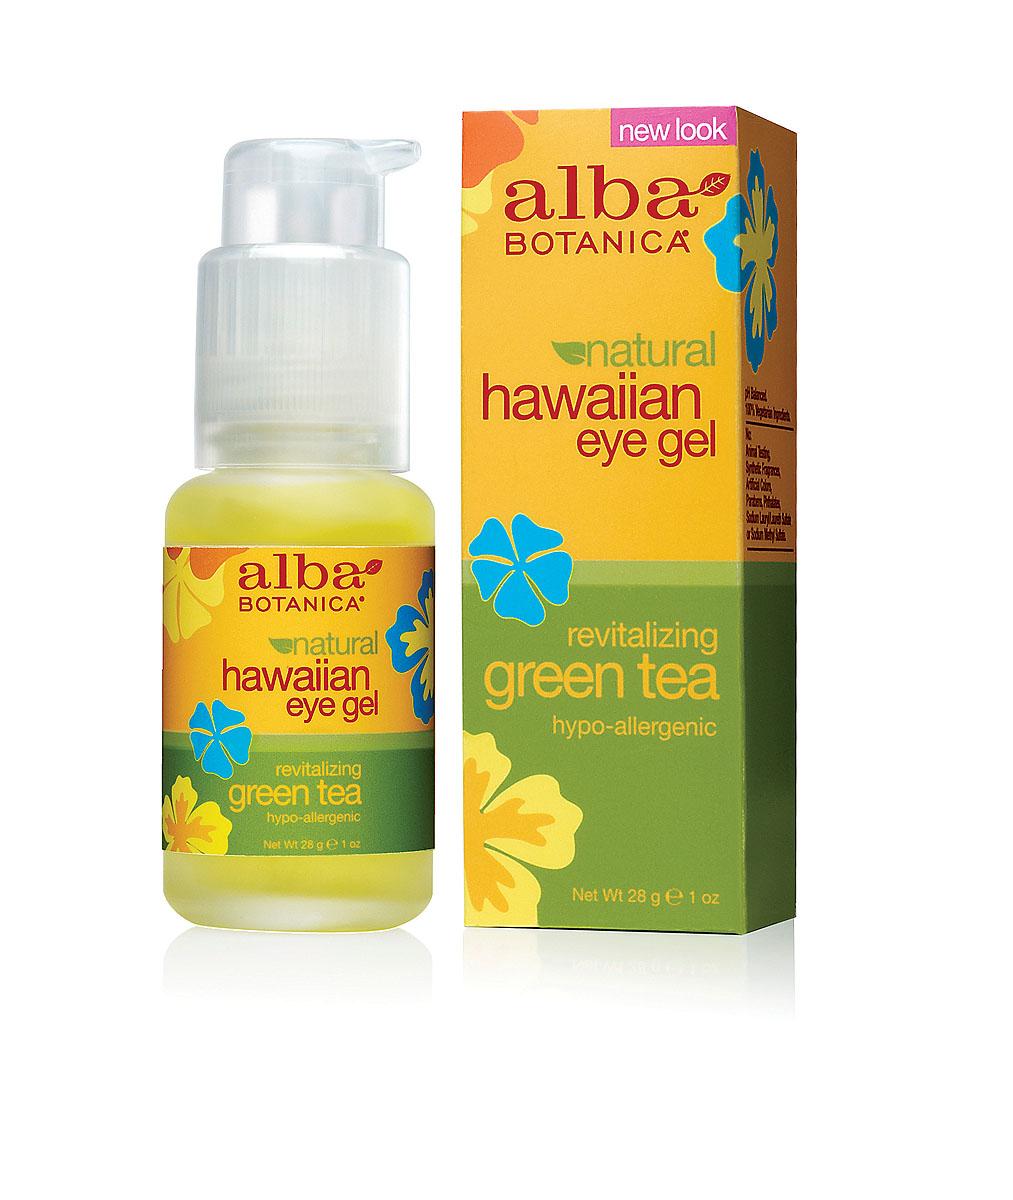 Alba Botanica Гель с зеленым чаем, для кожи вокруг глаз, 28 гAL00816Легкое, гелевое средство Alba Botanica для кожи вокруг глаз предотвращает старение. Содержит антиоксиданты и увлажняющие компоненты, защищающие тонкую нежную кожу. Успокаивает, снимает покраснения и увеличивает эластичность кожи. Характеристики: Вес: 28 г. Артикул: AL00816. Производитель: США. Товар сертифицирован. Состав: вода, сок алое вера, глицерин, экстракт зеленого чая, экстракт огурца, аллантоин, гидролизированый протеин сои, магнезиум аскорбил фосфат, пантенол, рибофлавин, карбомер, экстракт папаи, экстракт ромашки, экстракт ламинарии, экстракт спирулины, экстракт авапухи, феноксиэтанол, этилгексилглицерин.